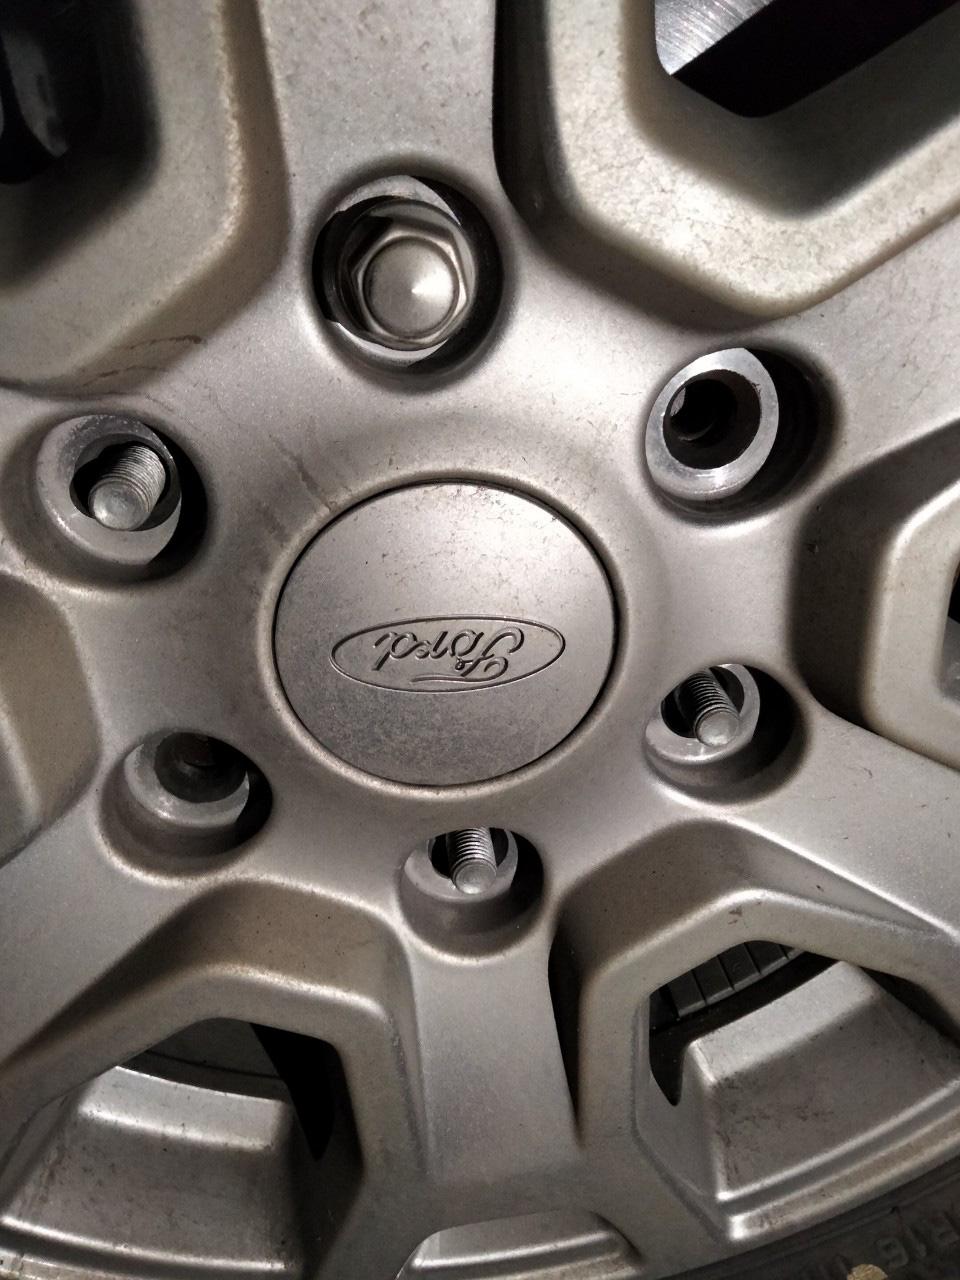 Ford Ranger gãy ốc của bánh sau 3 tháng mua, chủ xe hoang mang - Ảnh 2.